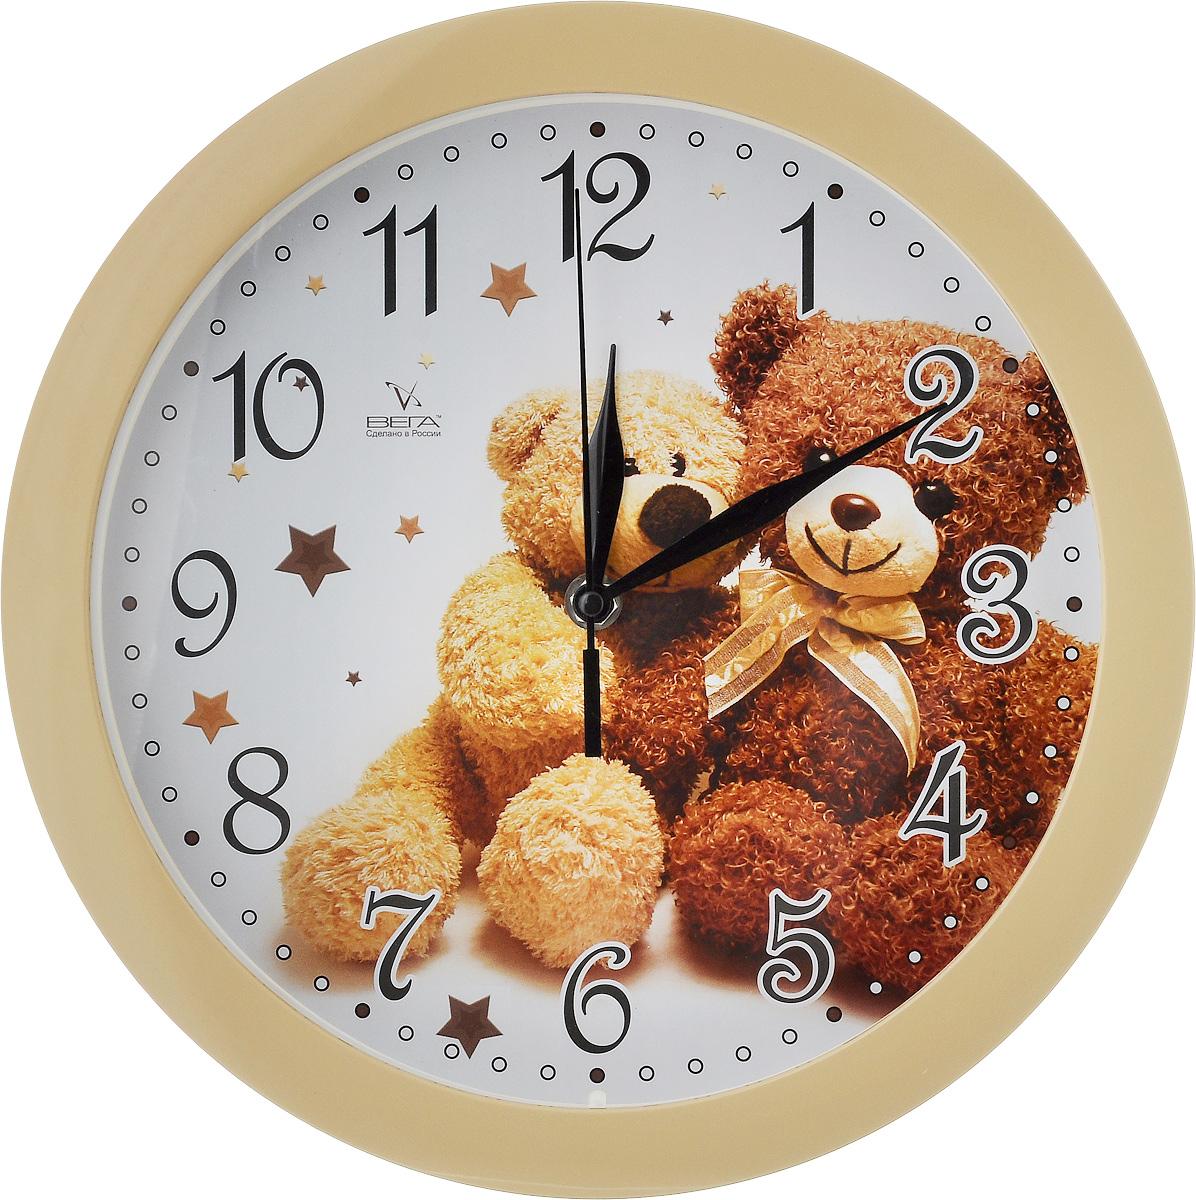 """Настенные кварцевые часы Вега """"Два медвежонка"""",  изготовленные из пластика, прекрасно впишутся в  интерьер вашего дома. Круглые часы имеют три стрелки:  часовую, минутную и секундную, циферблат защищен  прозрачным стеклом.  Часы работают от 1 батарейки типа АА напряжением 1,5 В  (не входит в комплект).  Диаметр часов: 28,5 см."""